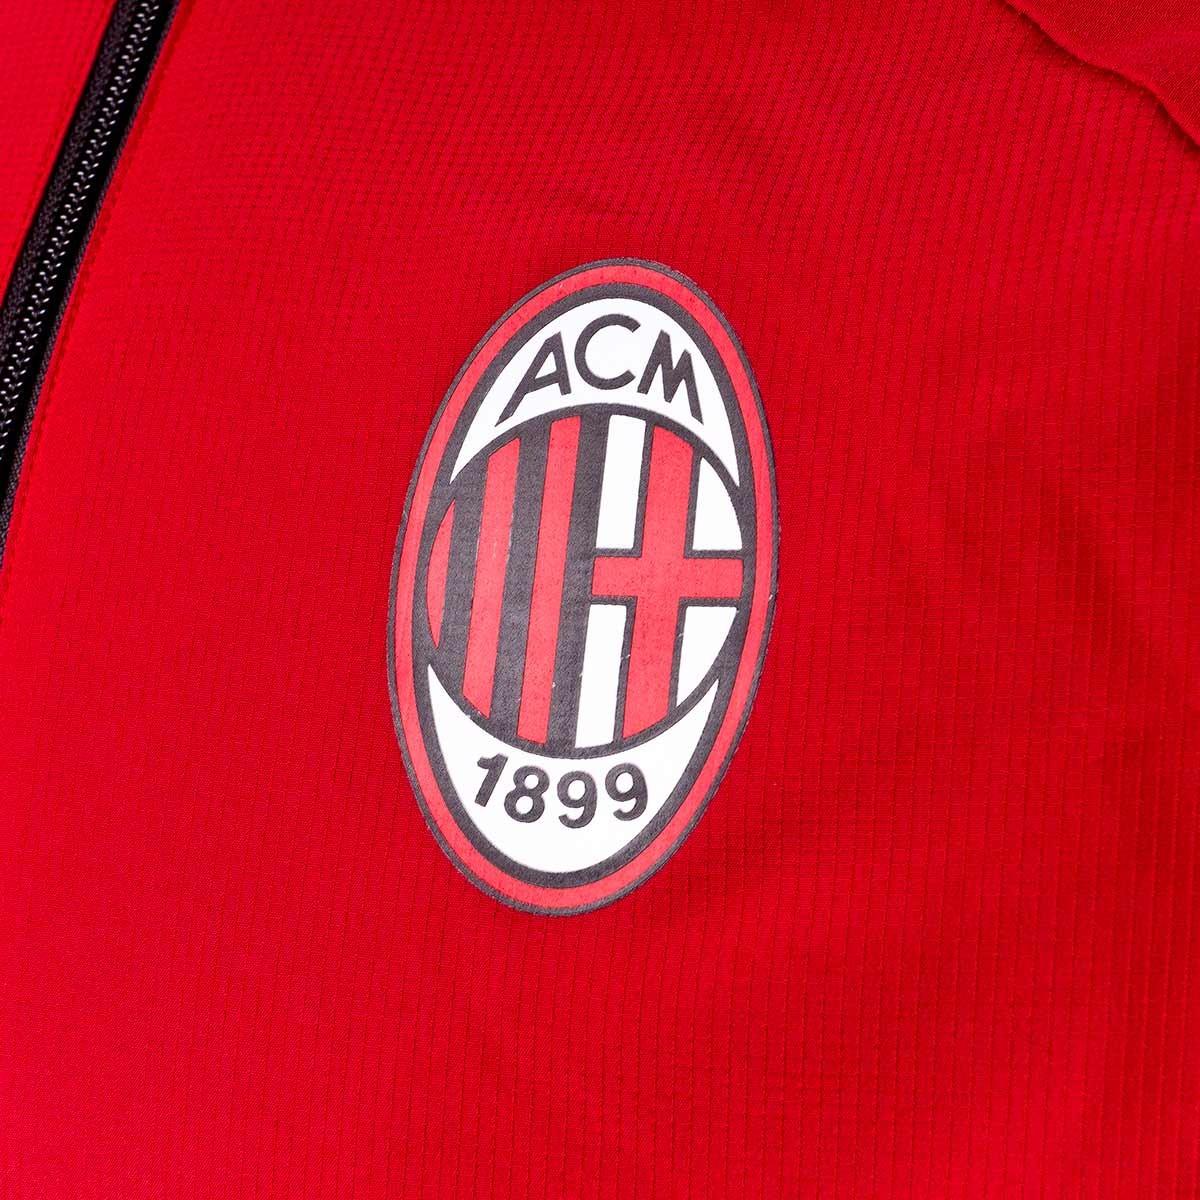 8b13a2902da0a Chaqueta adidas AC Milán Pre-Match 2017-2018 Victory red-Black - Tienda de fútbol  Fútbol Emotion